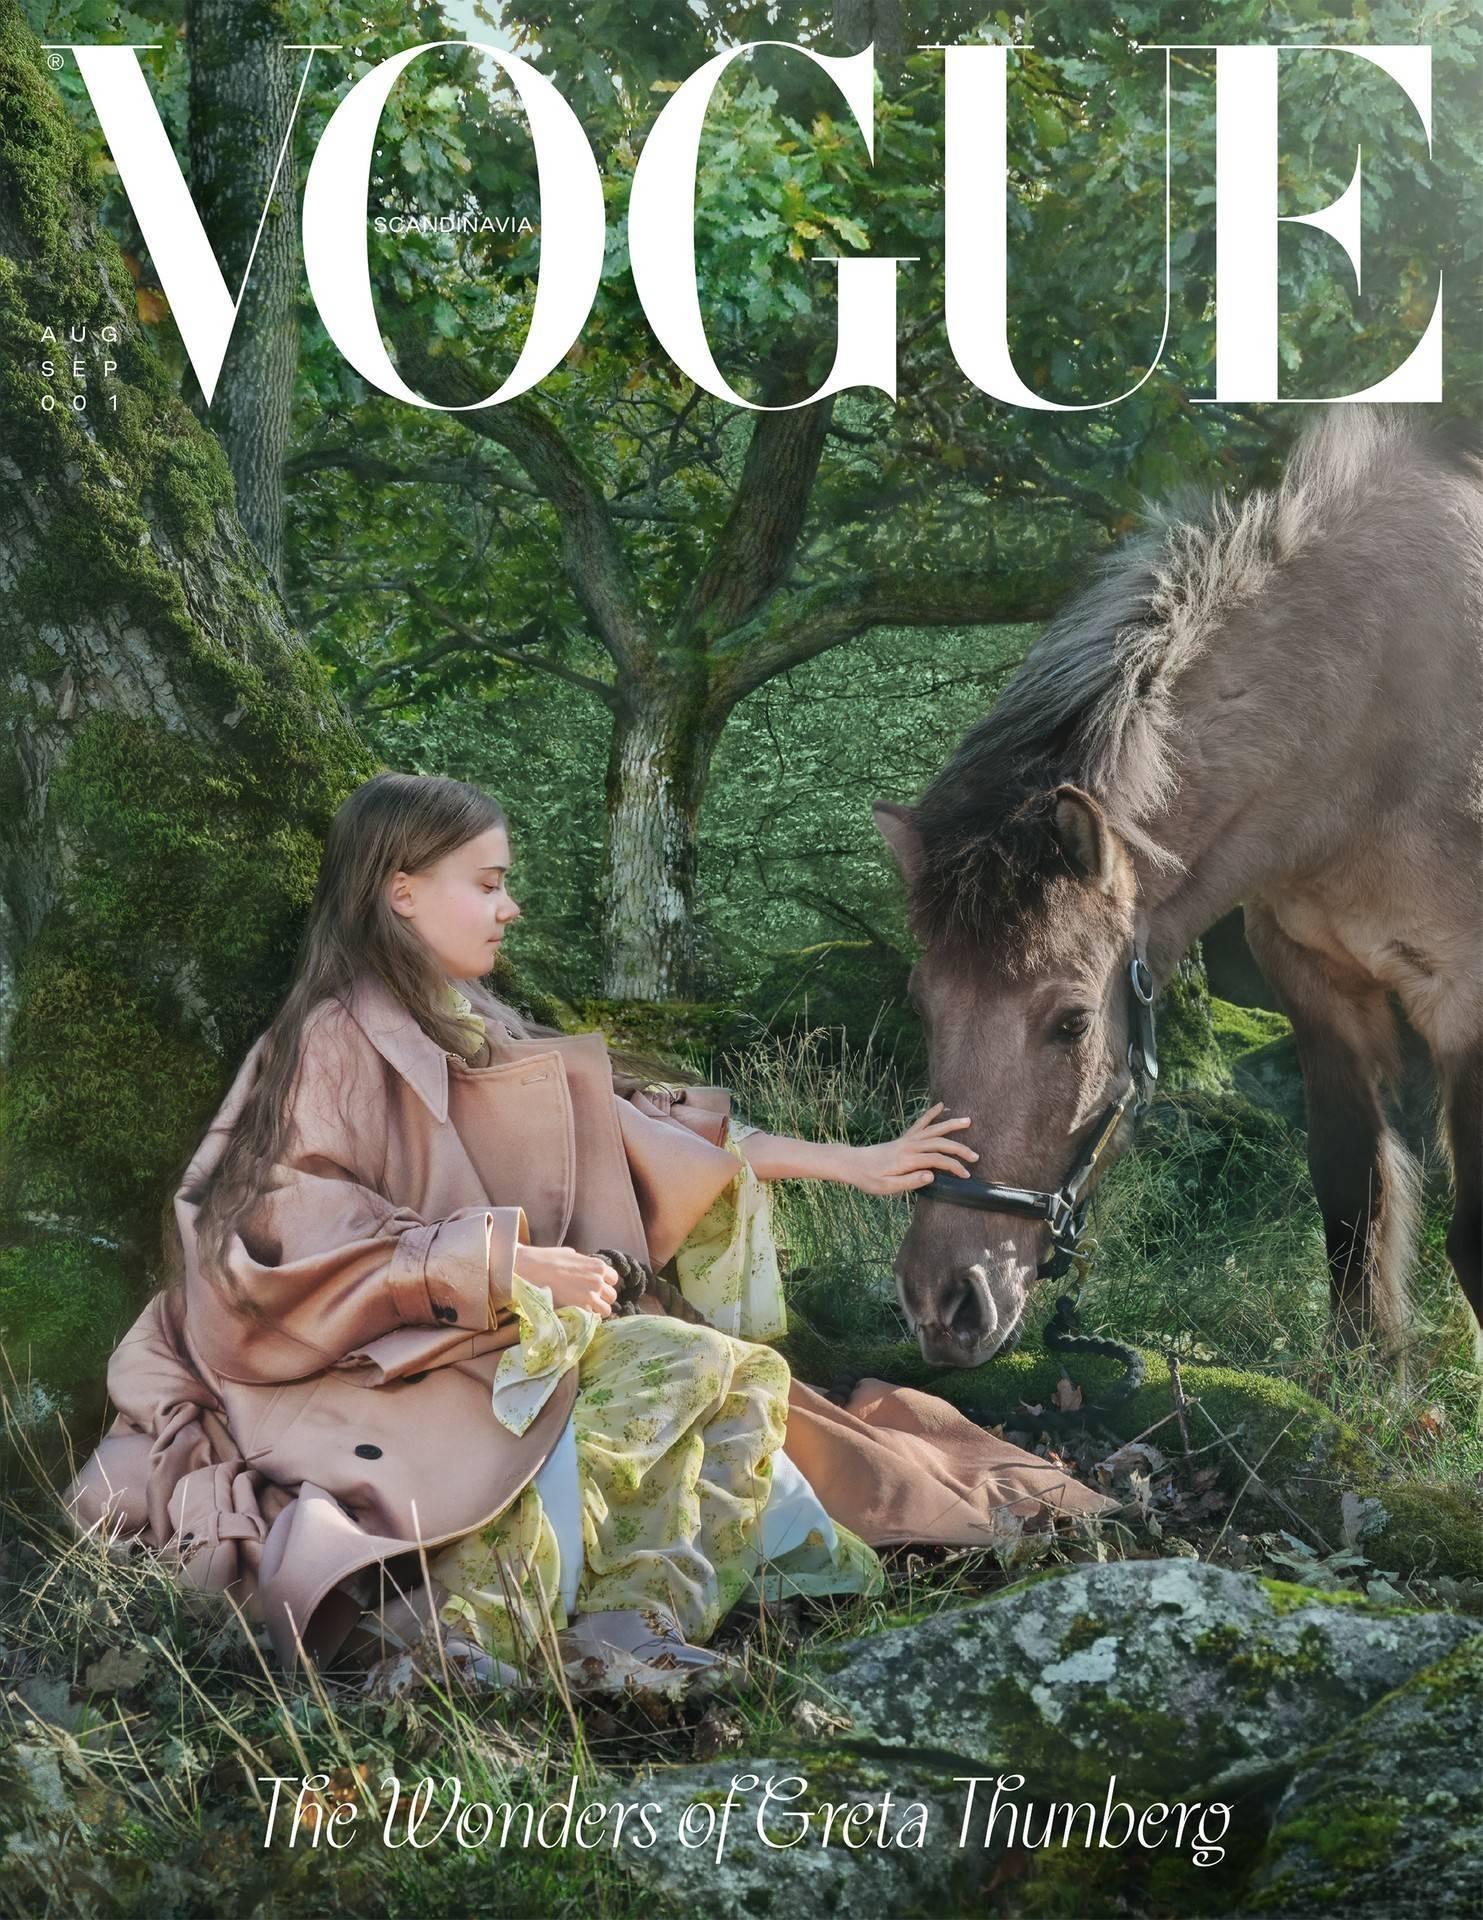 Vogue Scandinavia